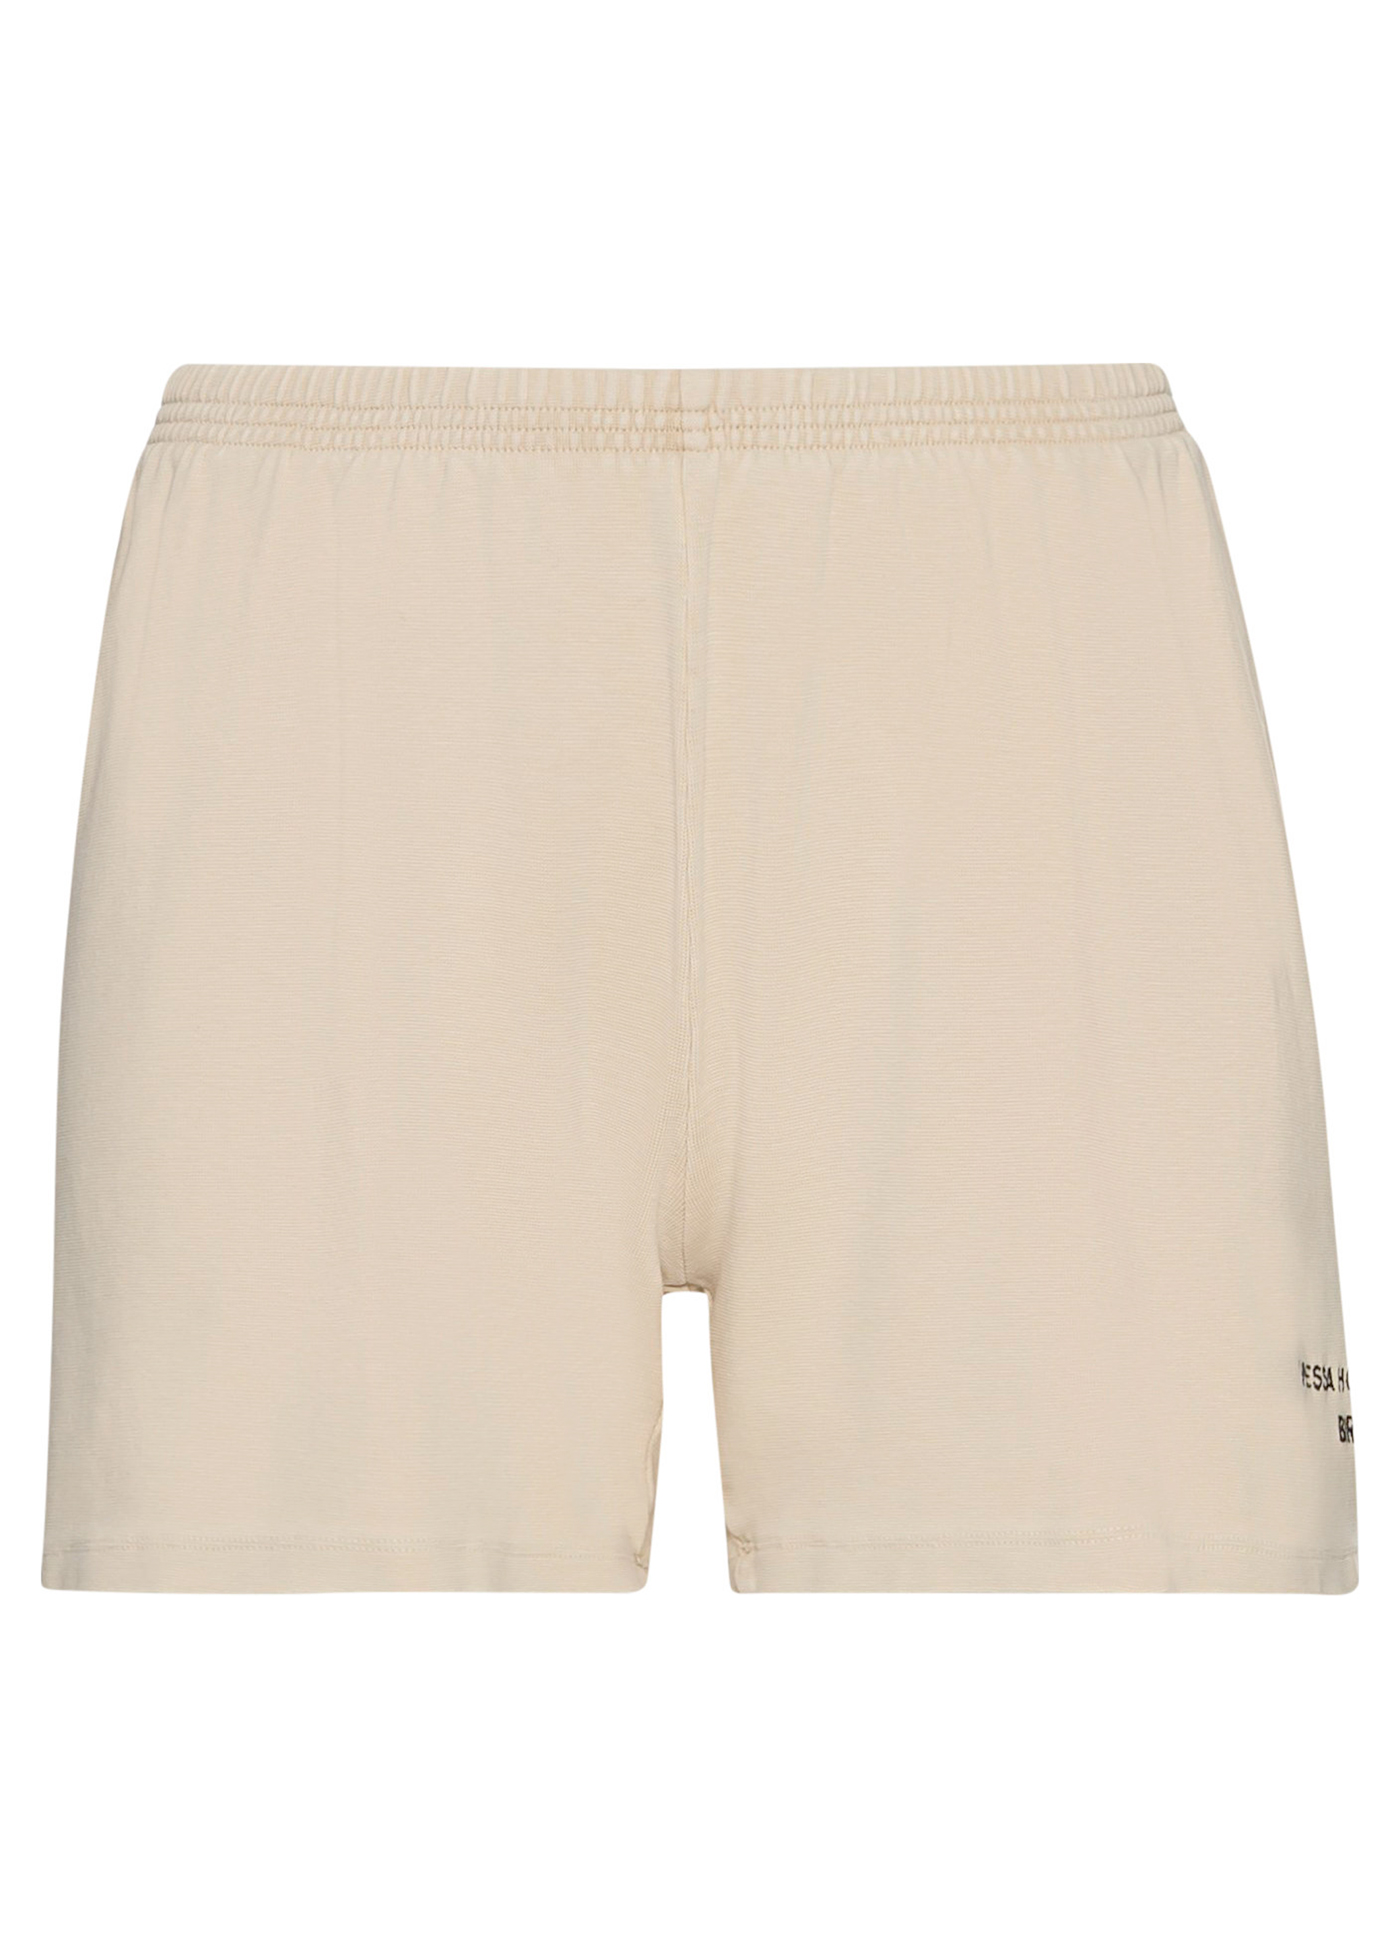 Box Shorts - Eucalyptus image number 0